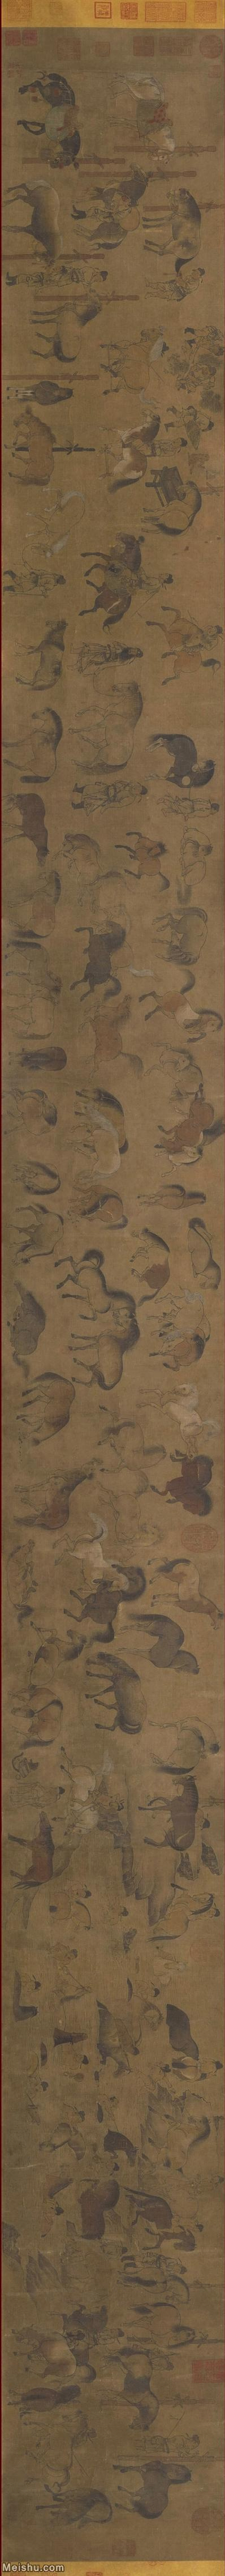 【打印级】GH7270607古画宋-佚名-百马图卷长卷图片-73M-17067X1500_1166013.jpg